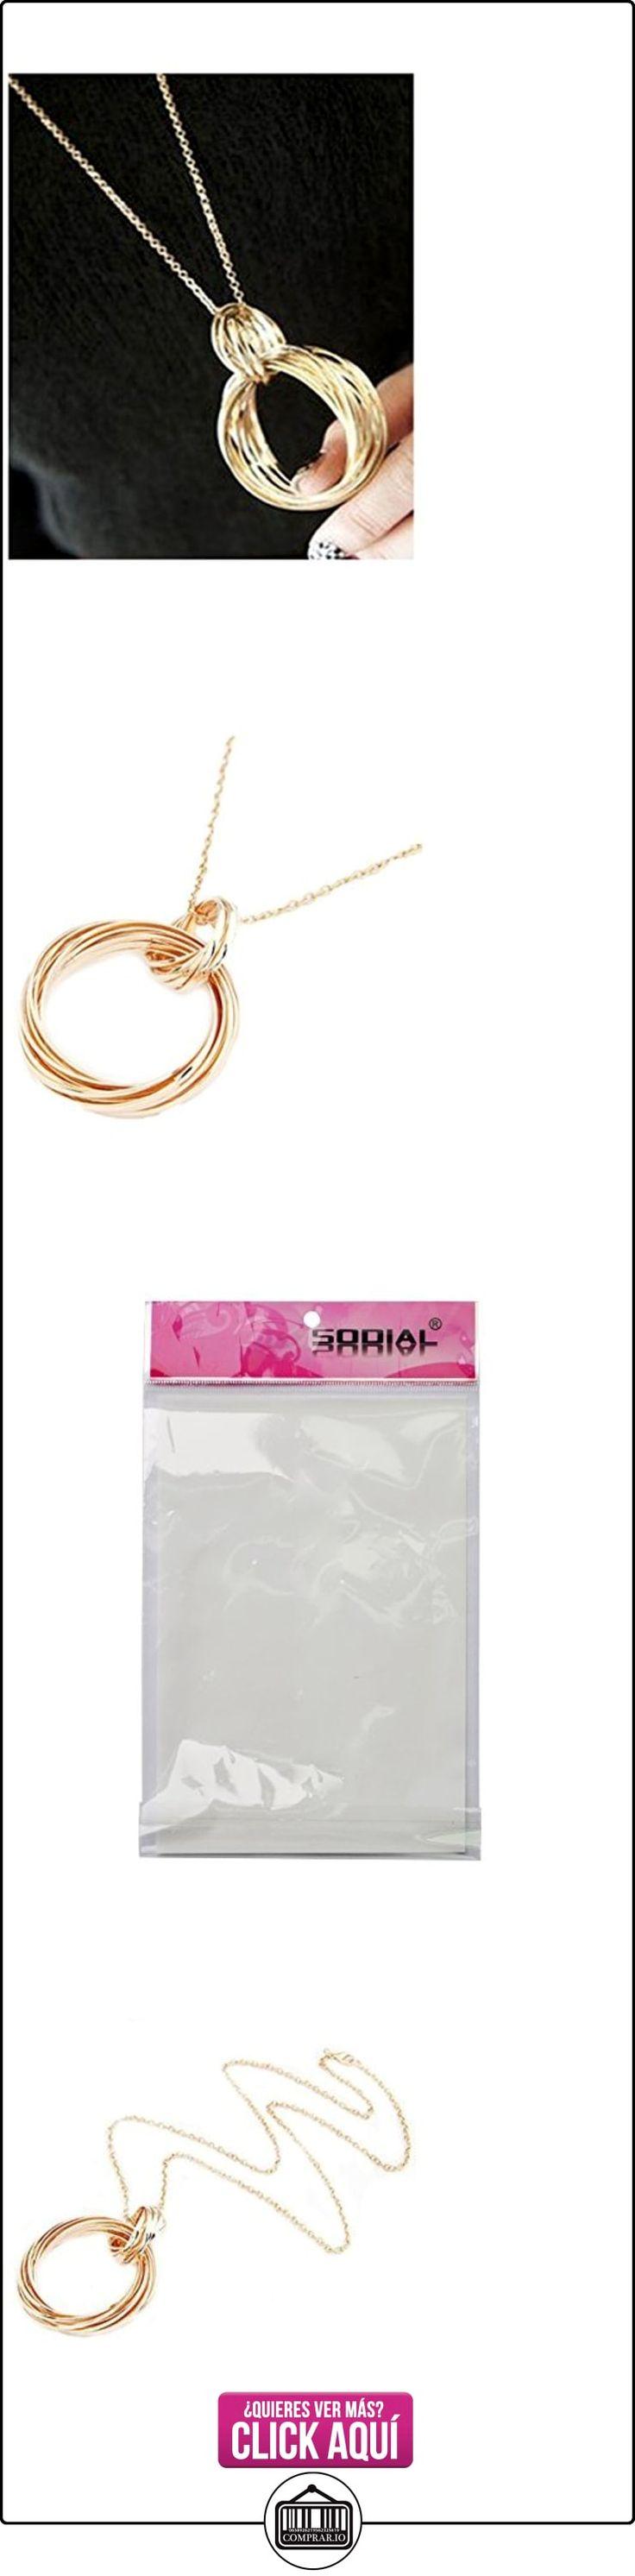 Collar colgante - SODIAL(R)Collar de cadena larga de anillos de multi-anillos de circulo colgante de moda de metal dorado  ✿ Joyas para mujer - Las mejores ofertas ✿ ▬► Ver oferta: https://comprar.io/goto/B01KNUEWV4